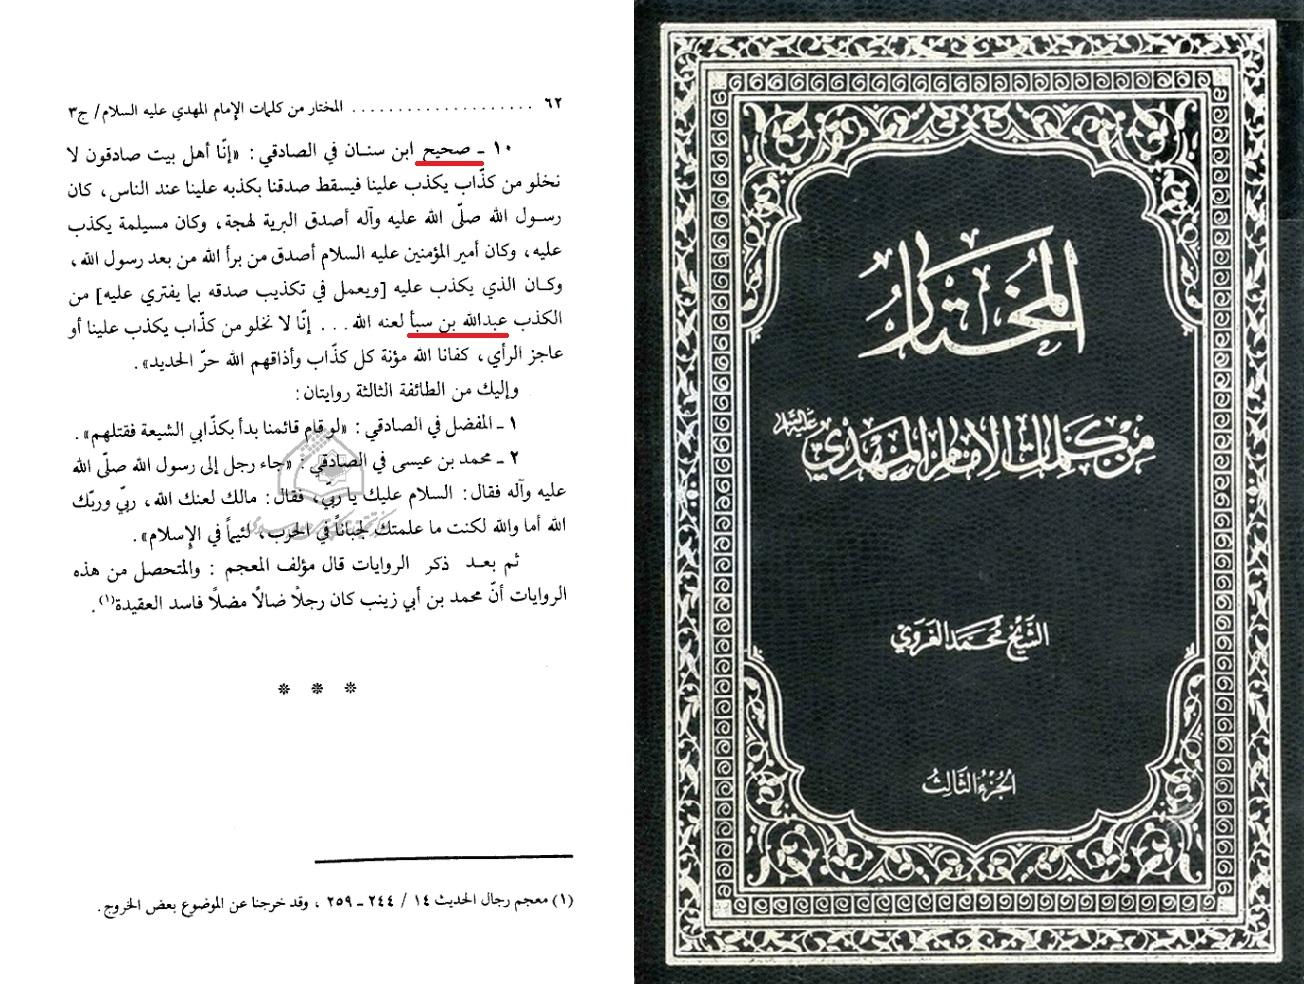 الاســـم:سند صحيح من كتب الشيعة 2.jpg المشاهدات: 2429 الحجـــم:440.2 كيلوبايت